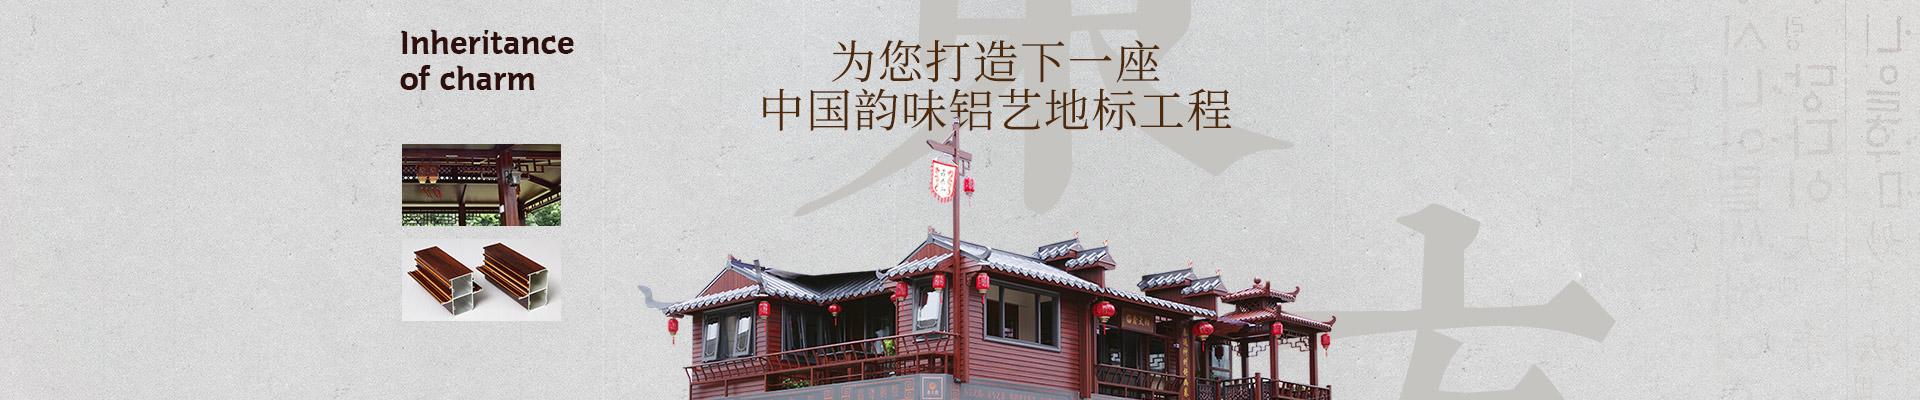 联系鑫泰阳:为您打造下一座中国韵味铝艺地标工程